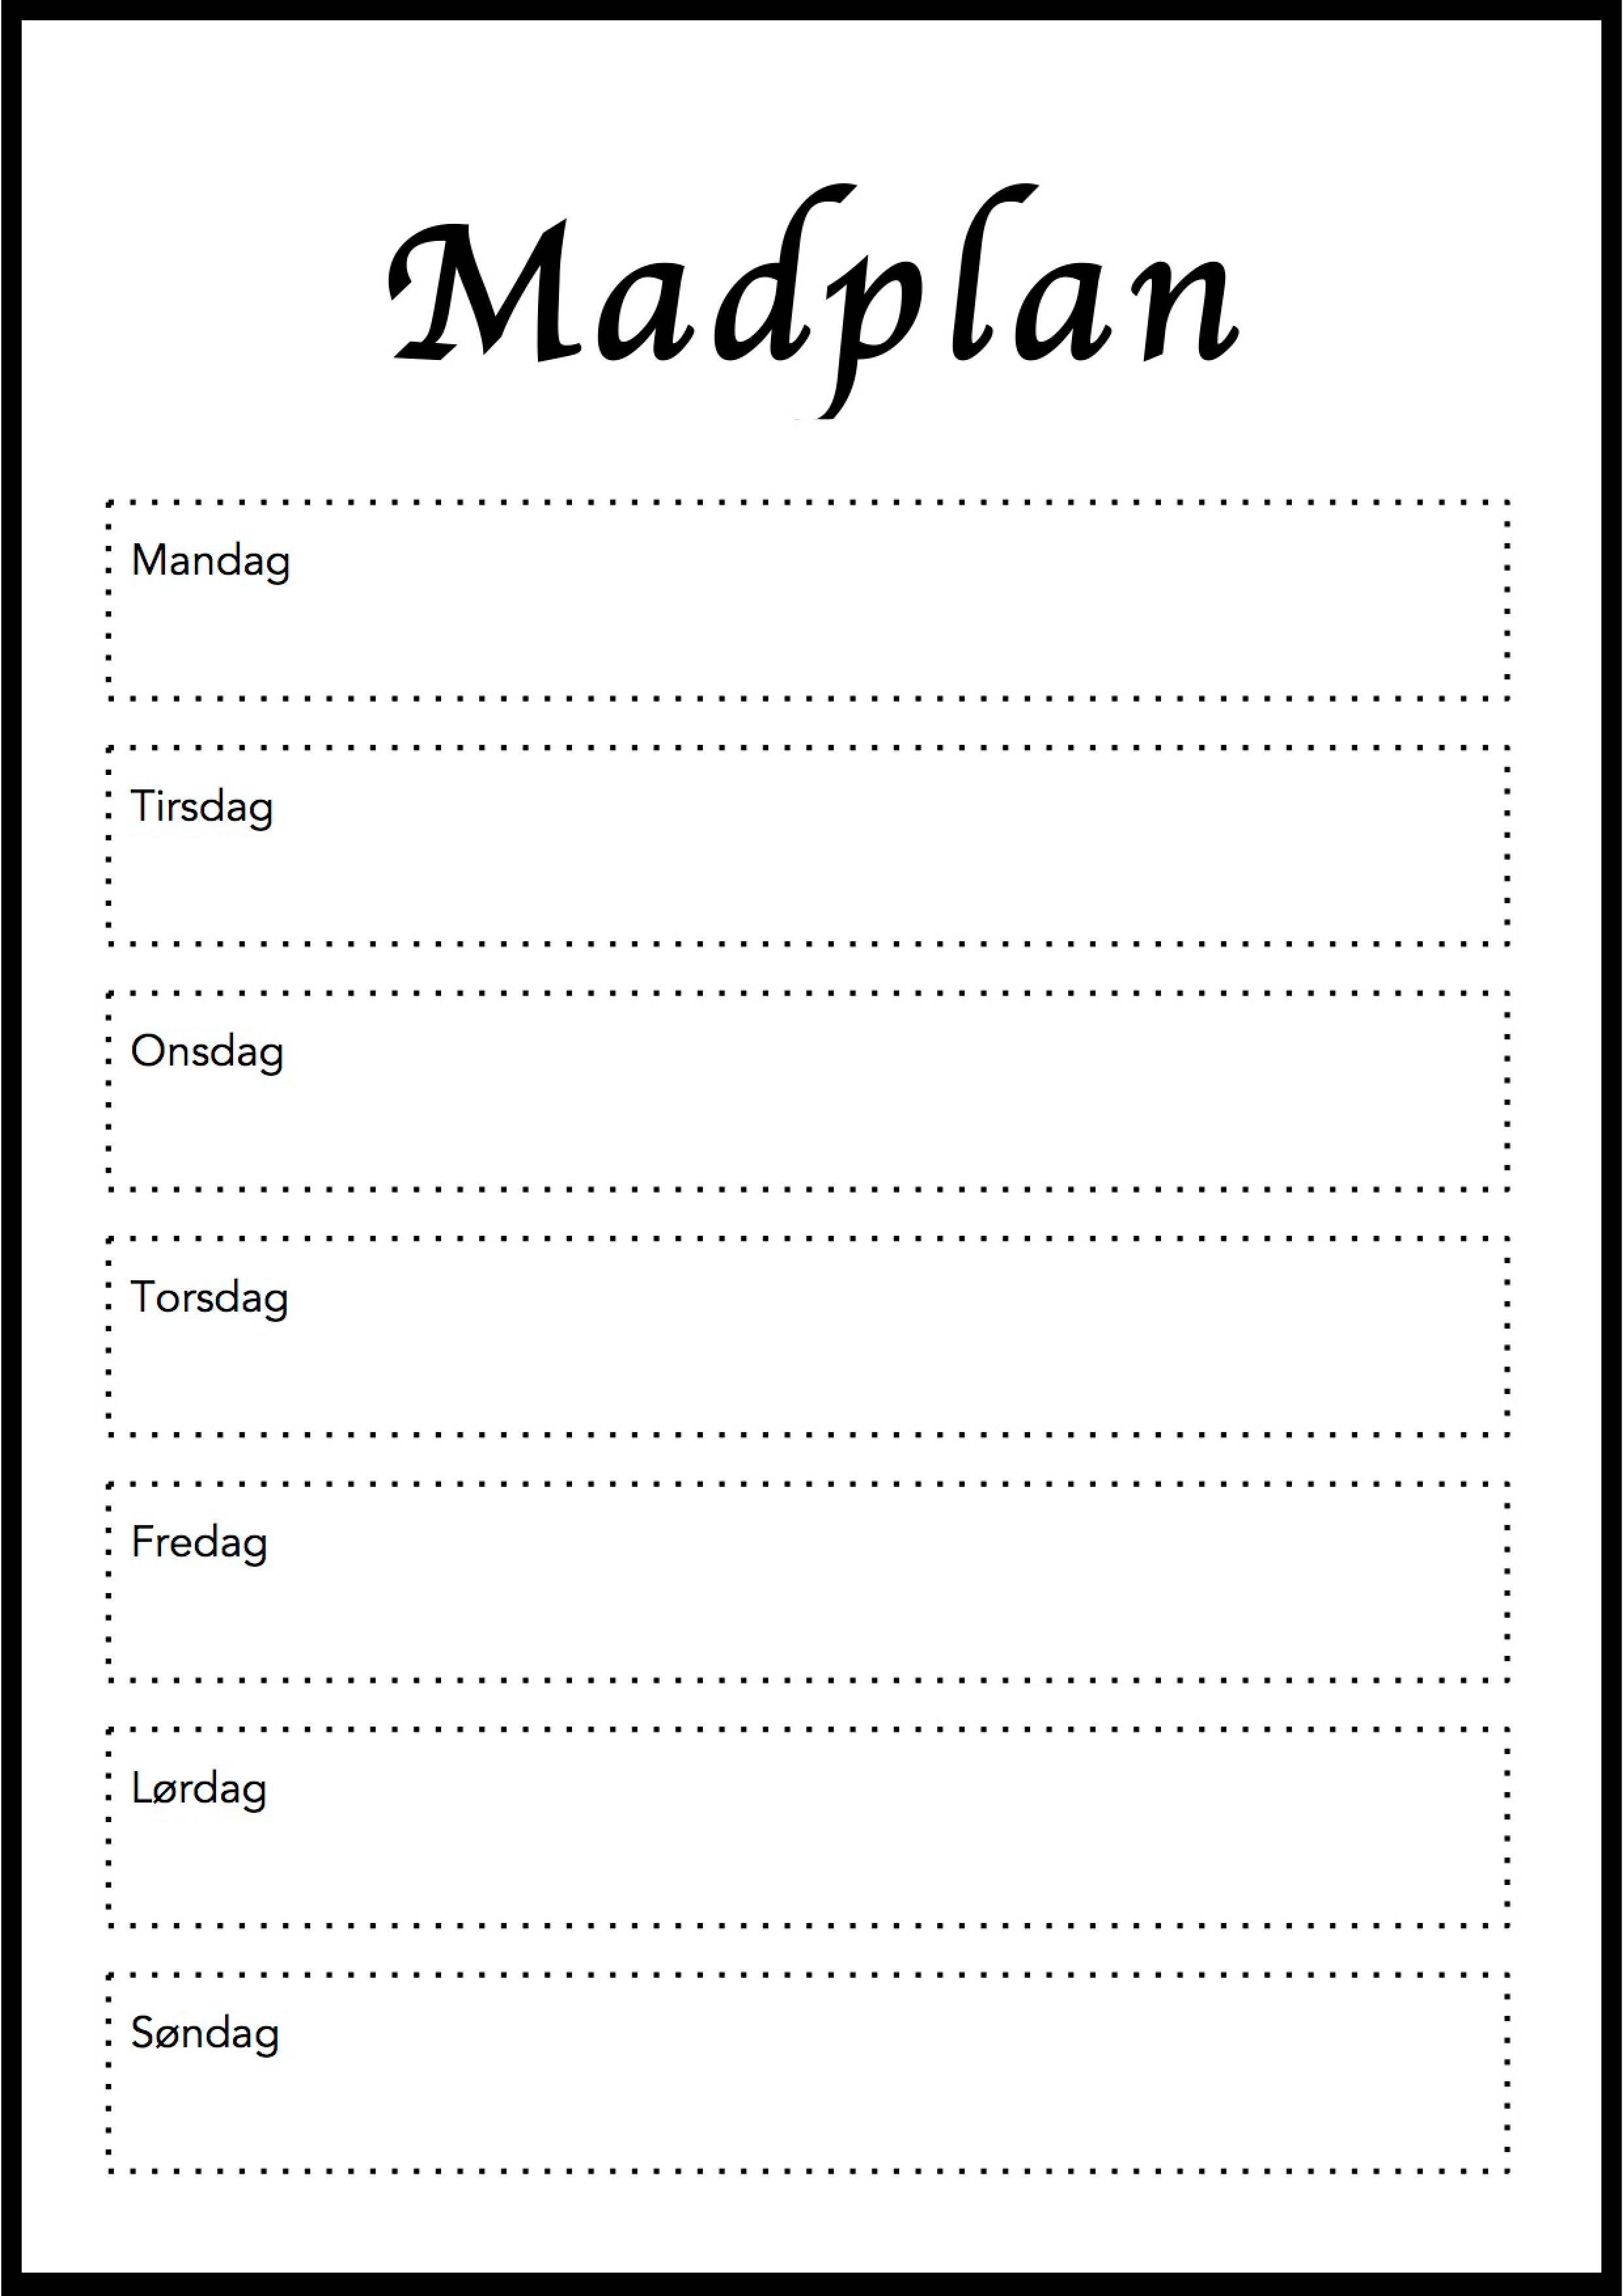 Gratis Print Selv Madplan I Flot Design Klik Her For At